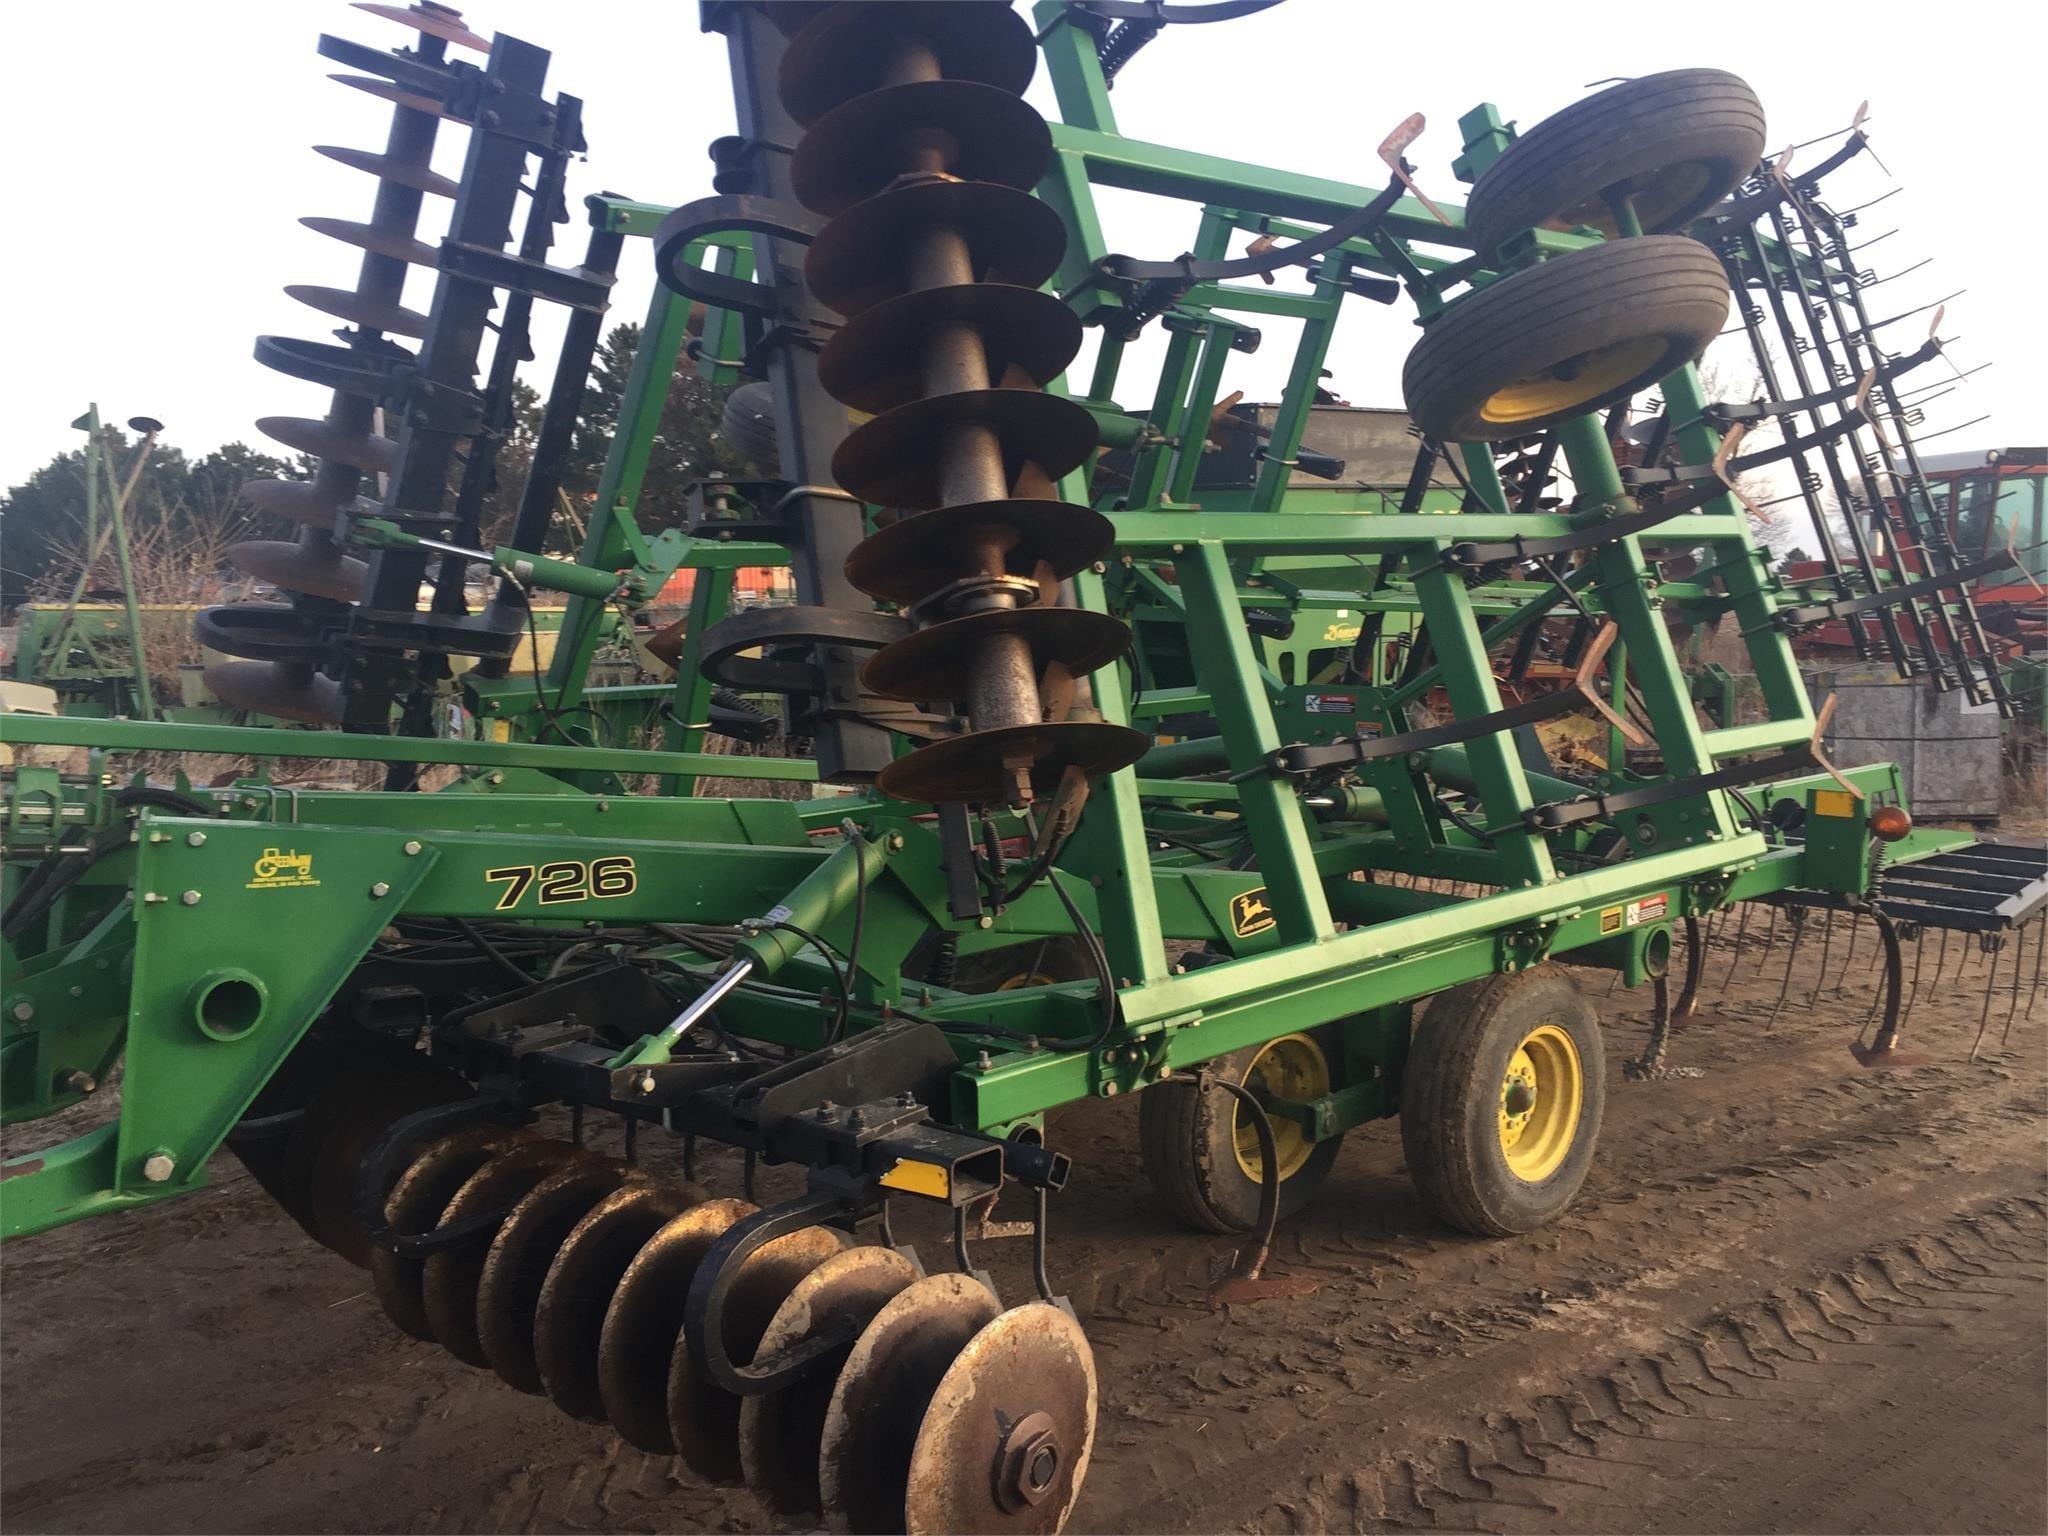 1996 John Deere 726 Soil Finisher